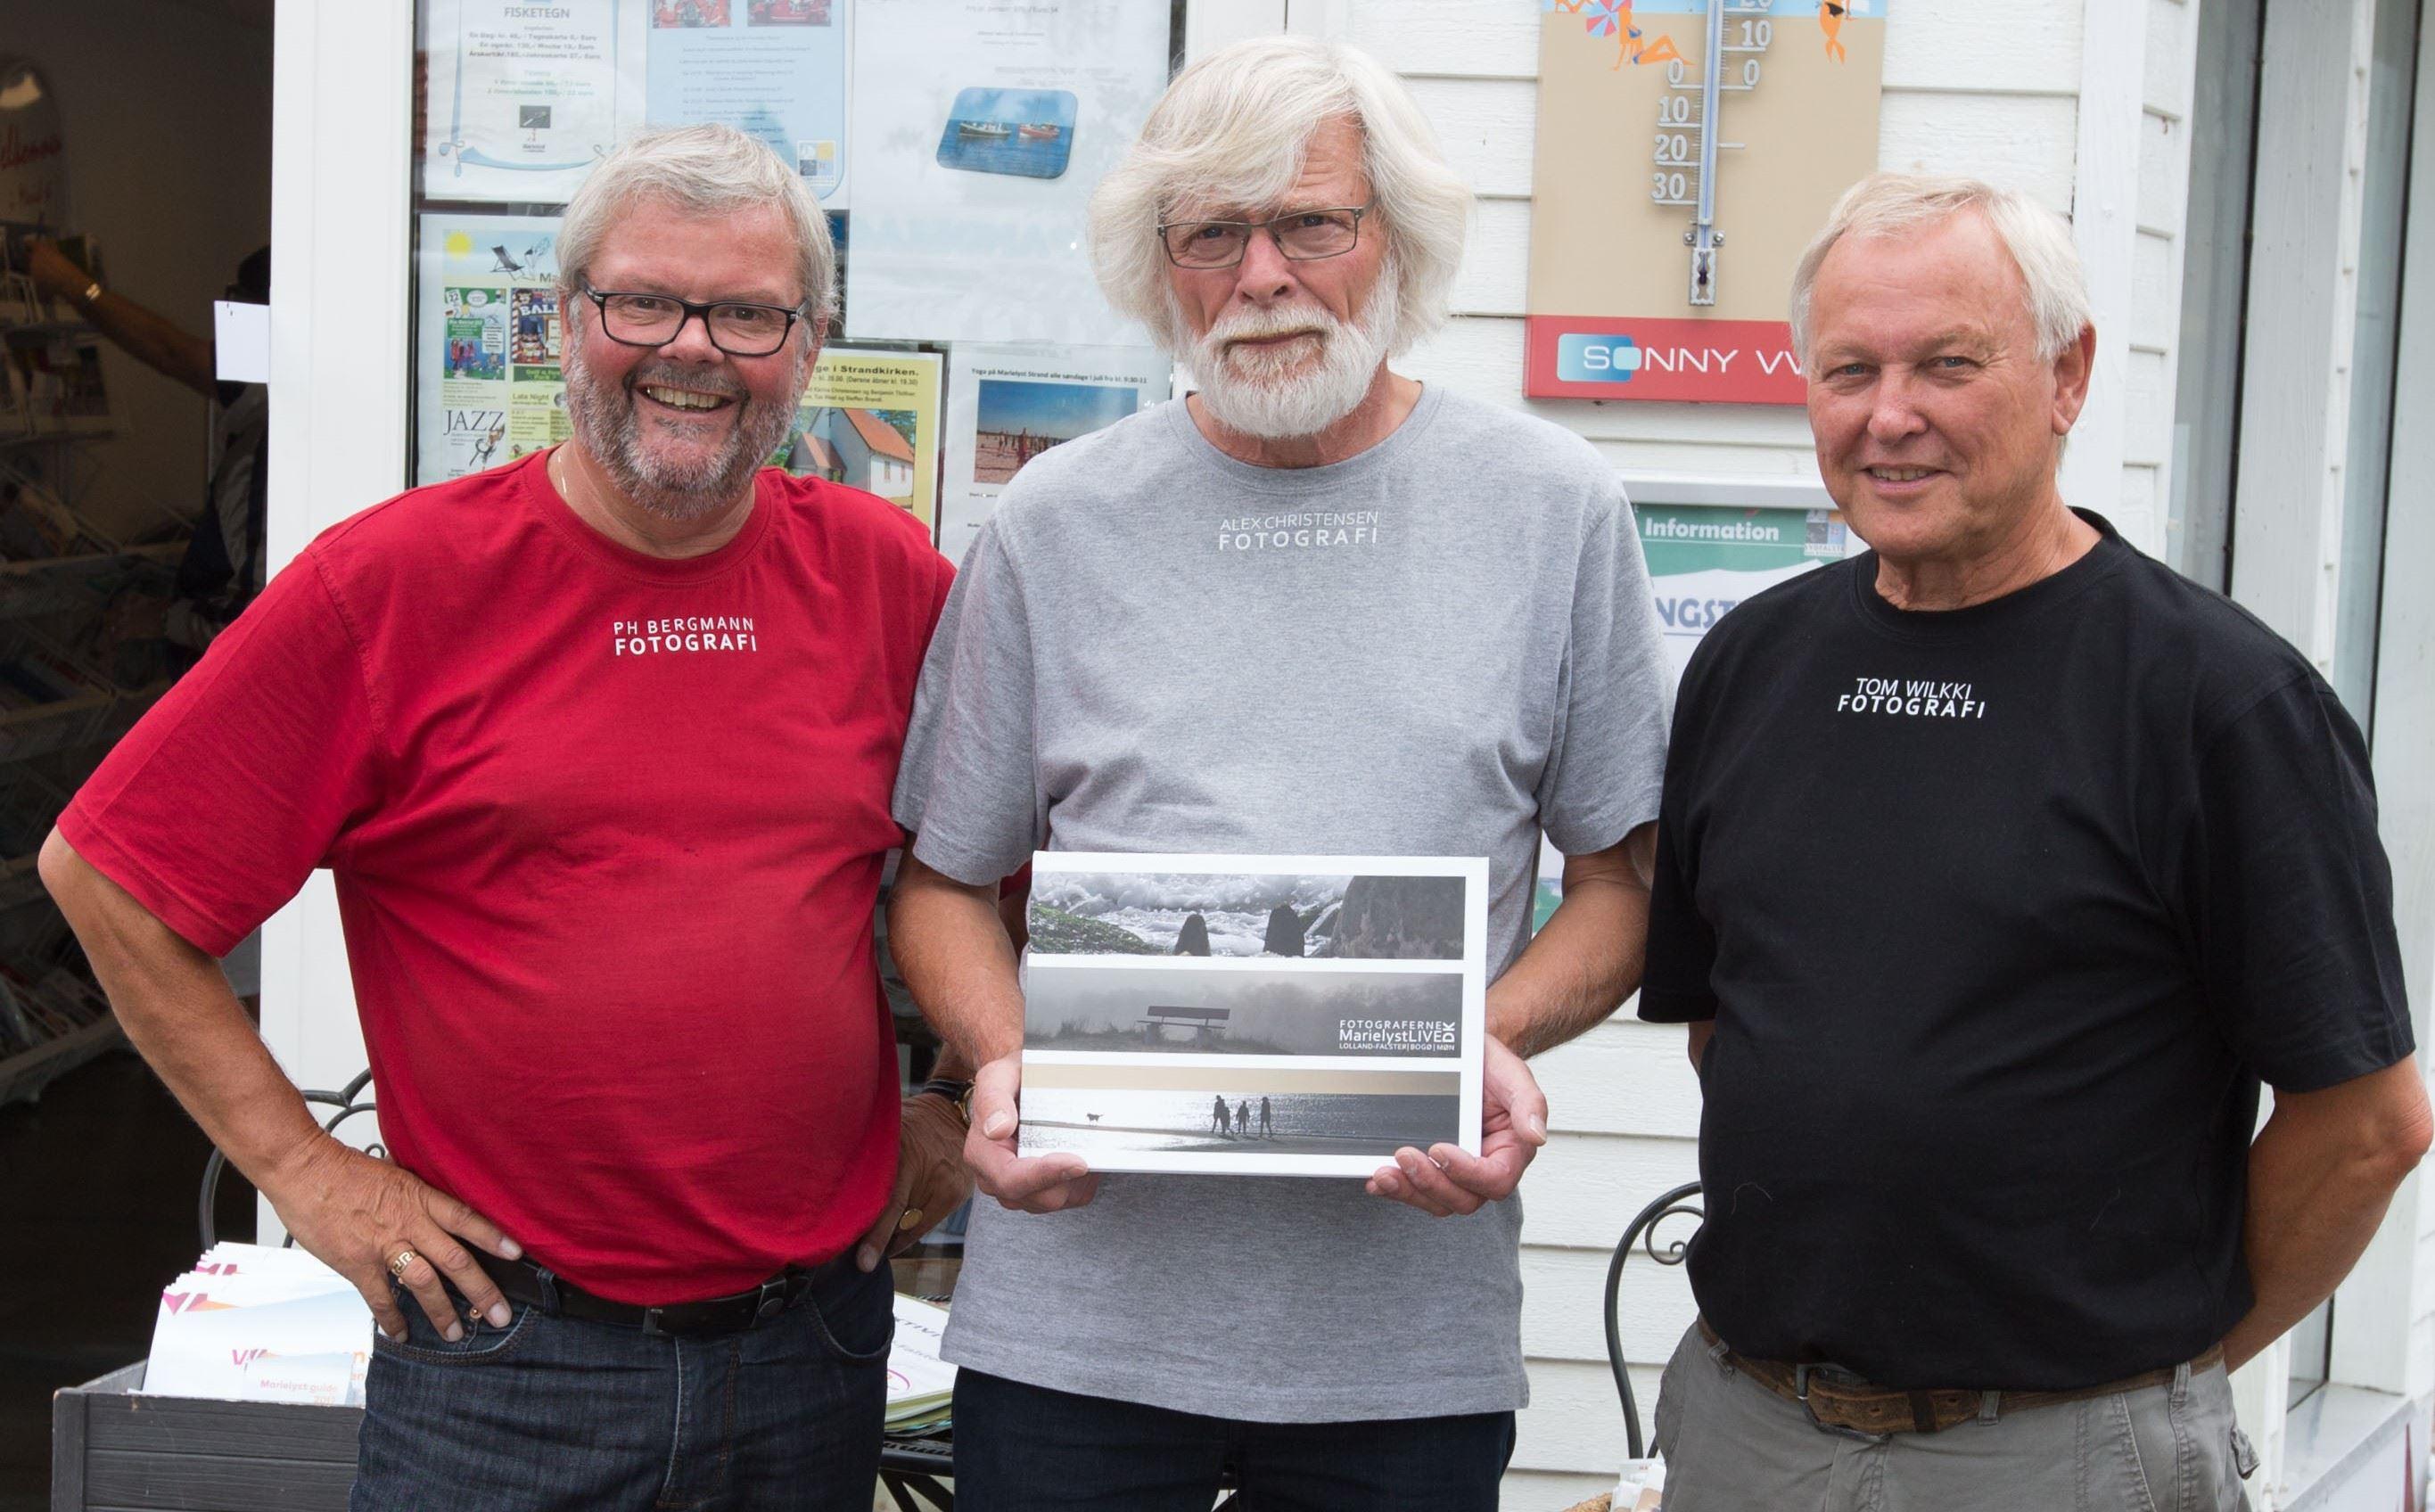 Fotograferne MarielystLIVE afholder fotoudstilling hele uge 42 på Gedser Odde